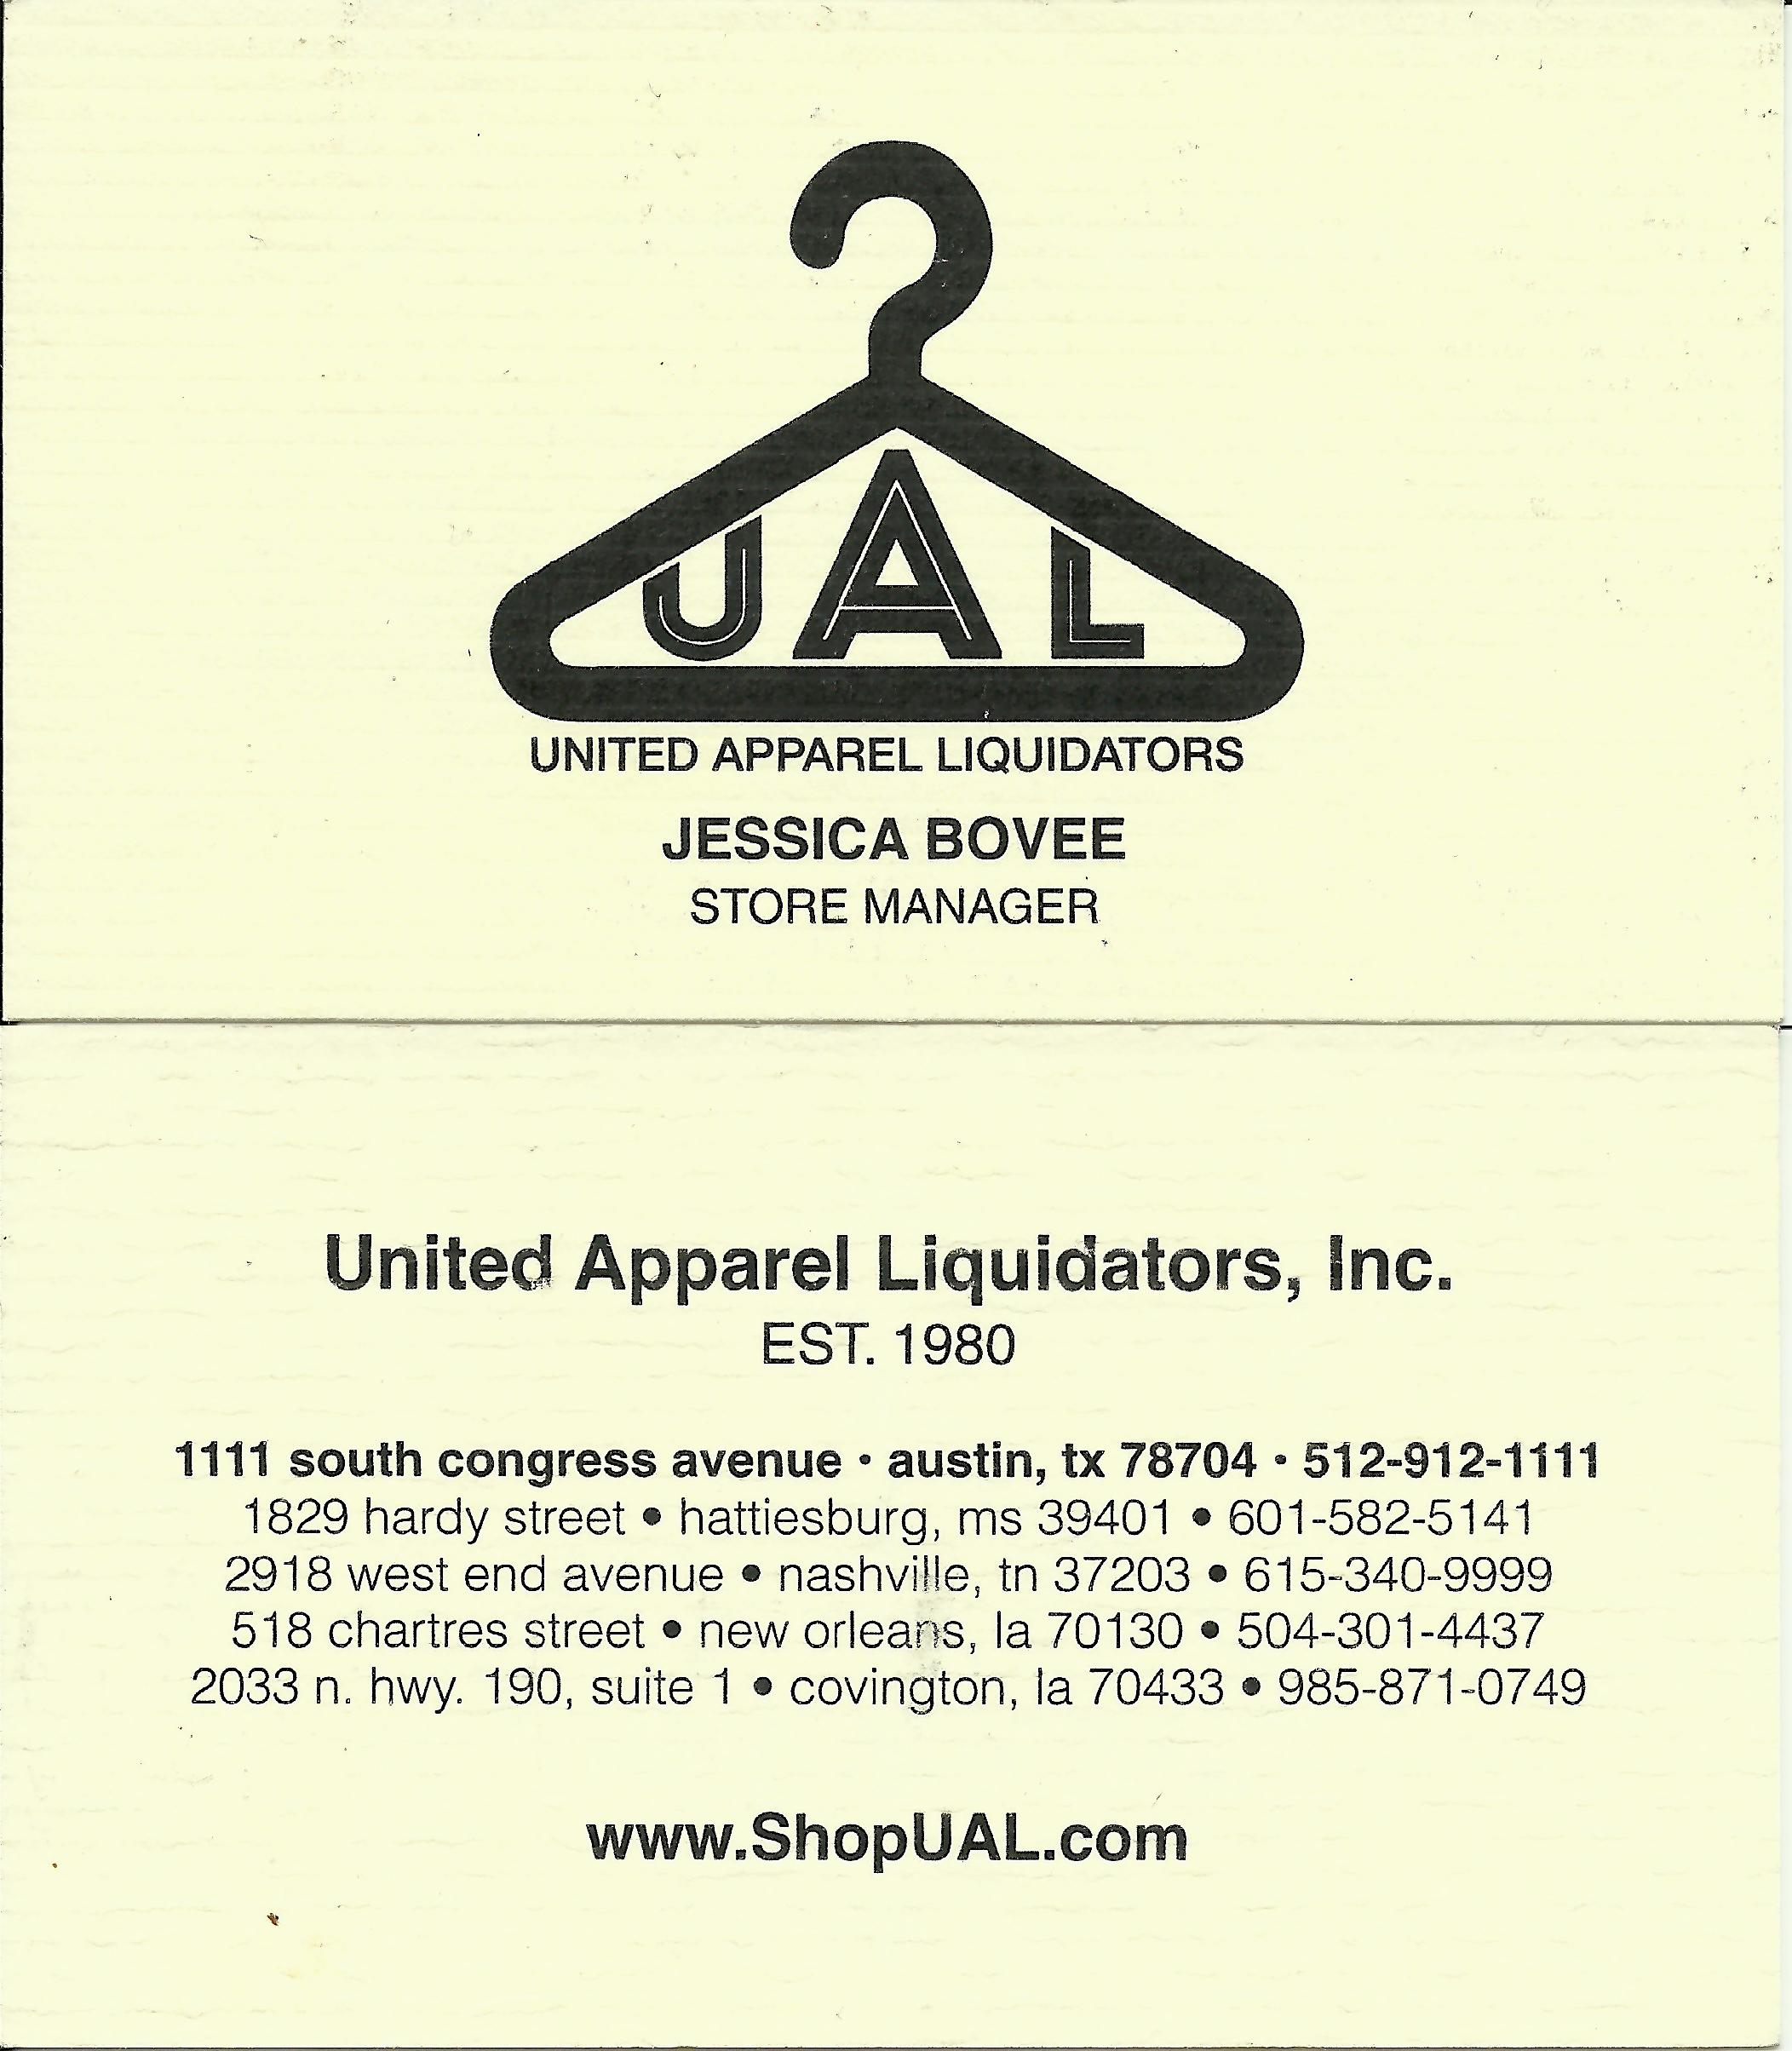 unites apparel liquidators inc graphic design logo example